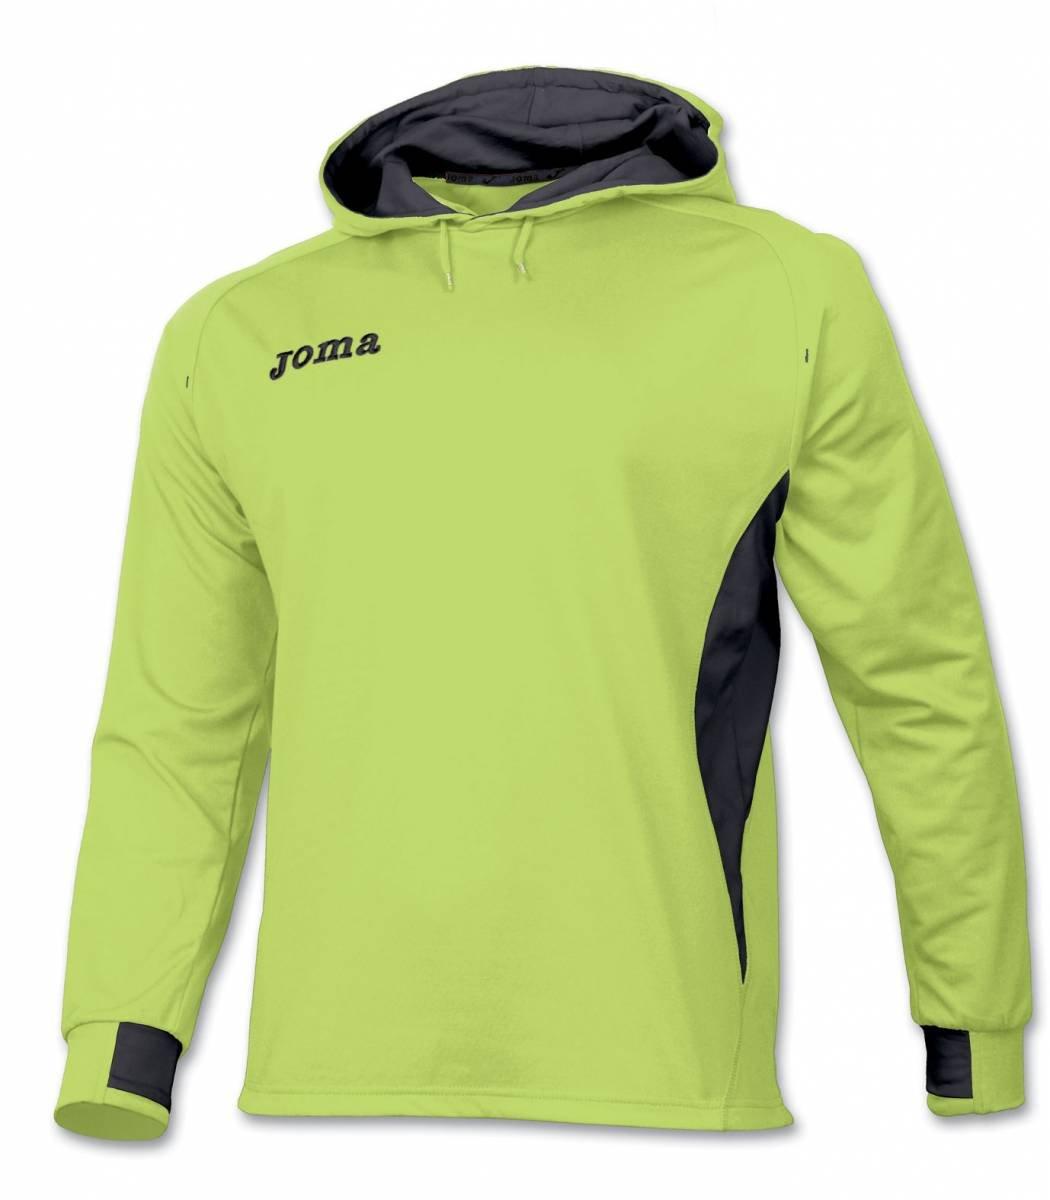 Joma sport - Joma elite iii, sudadera con capucha, color verde ...